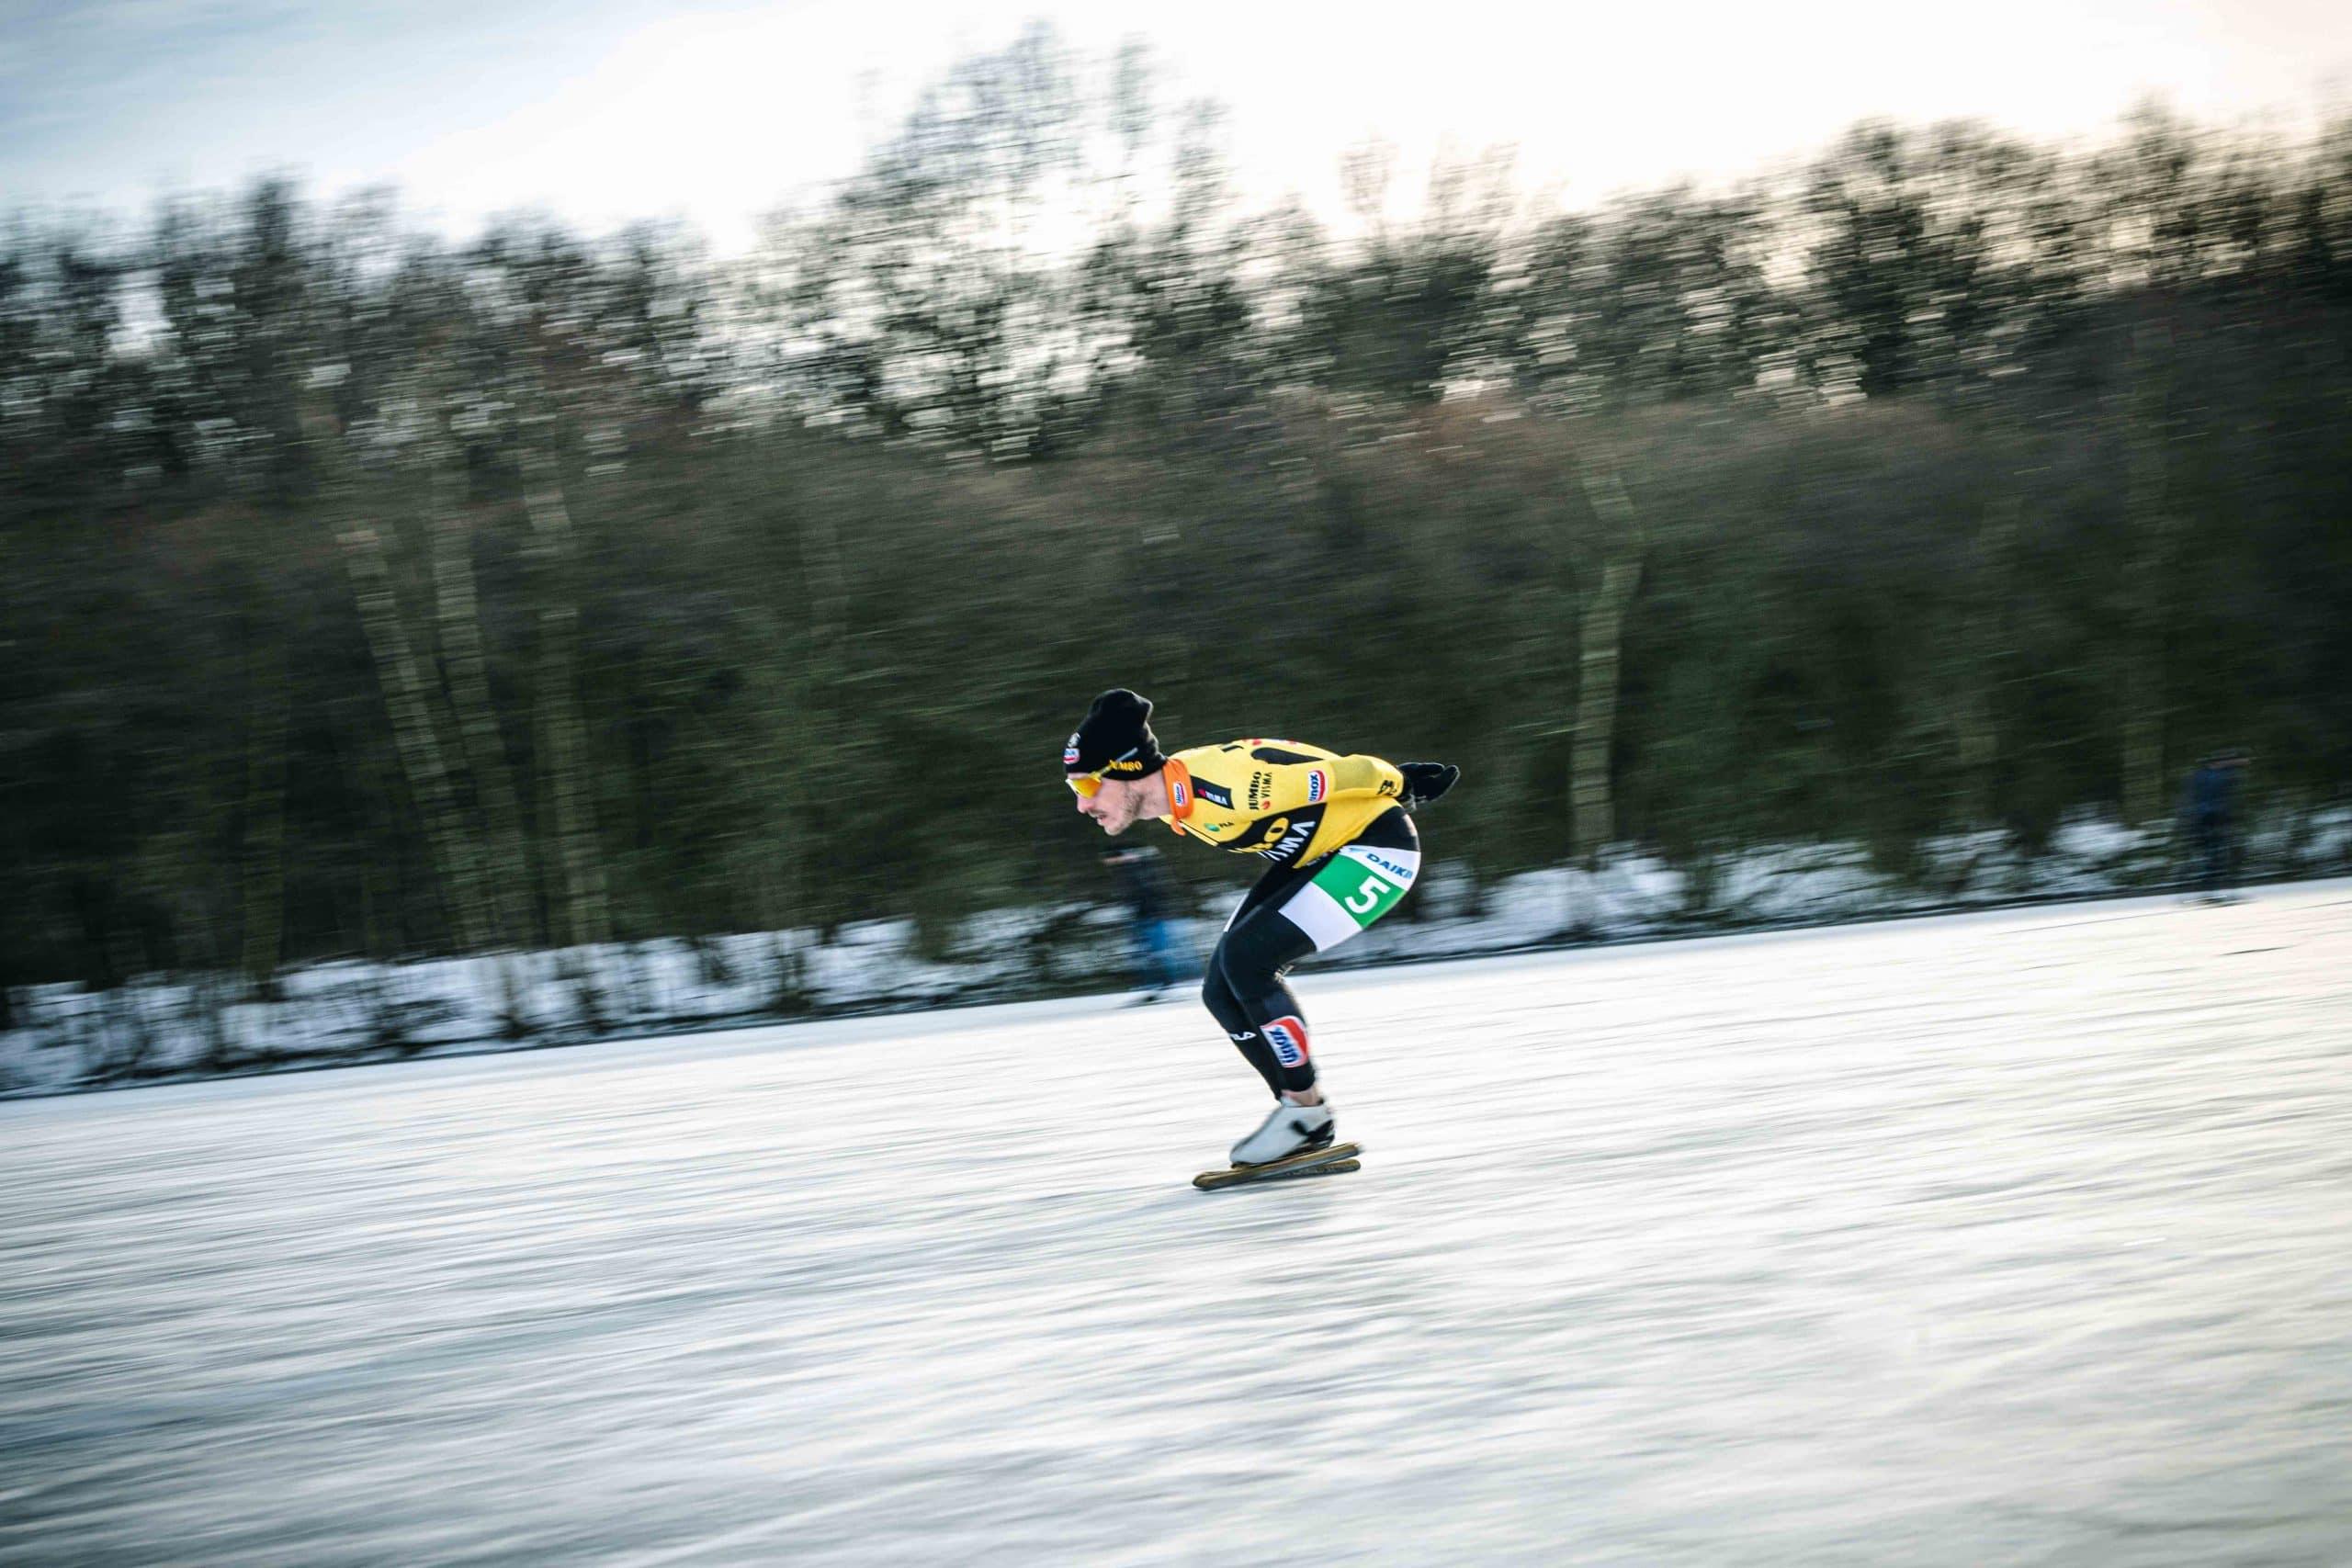 geschiedenis van schaatsen